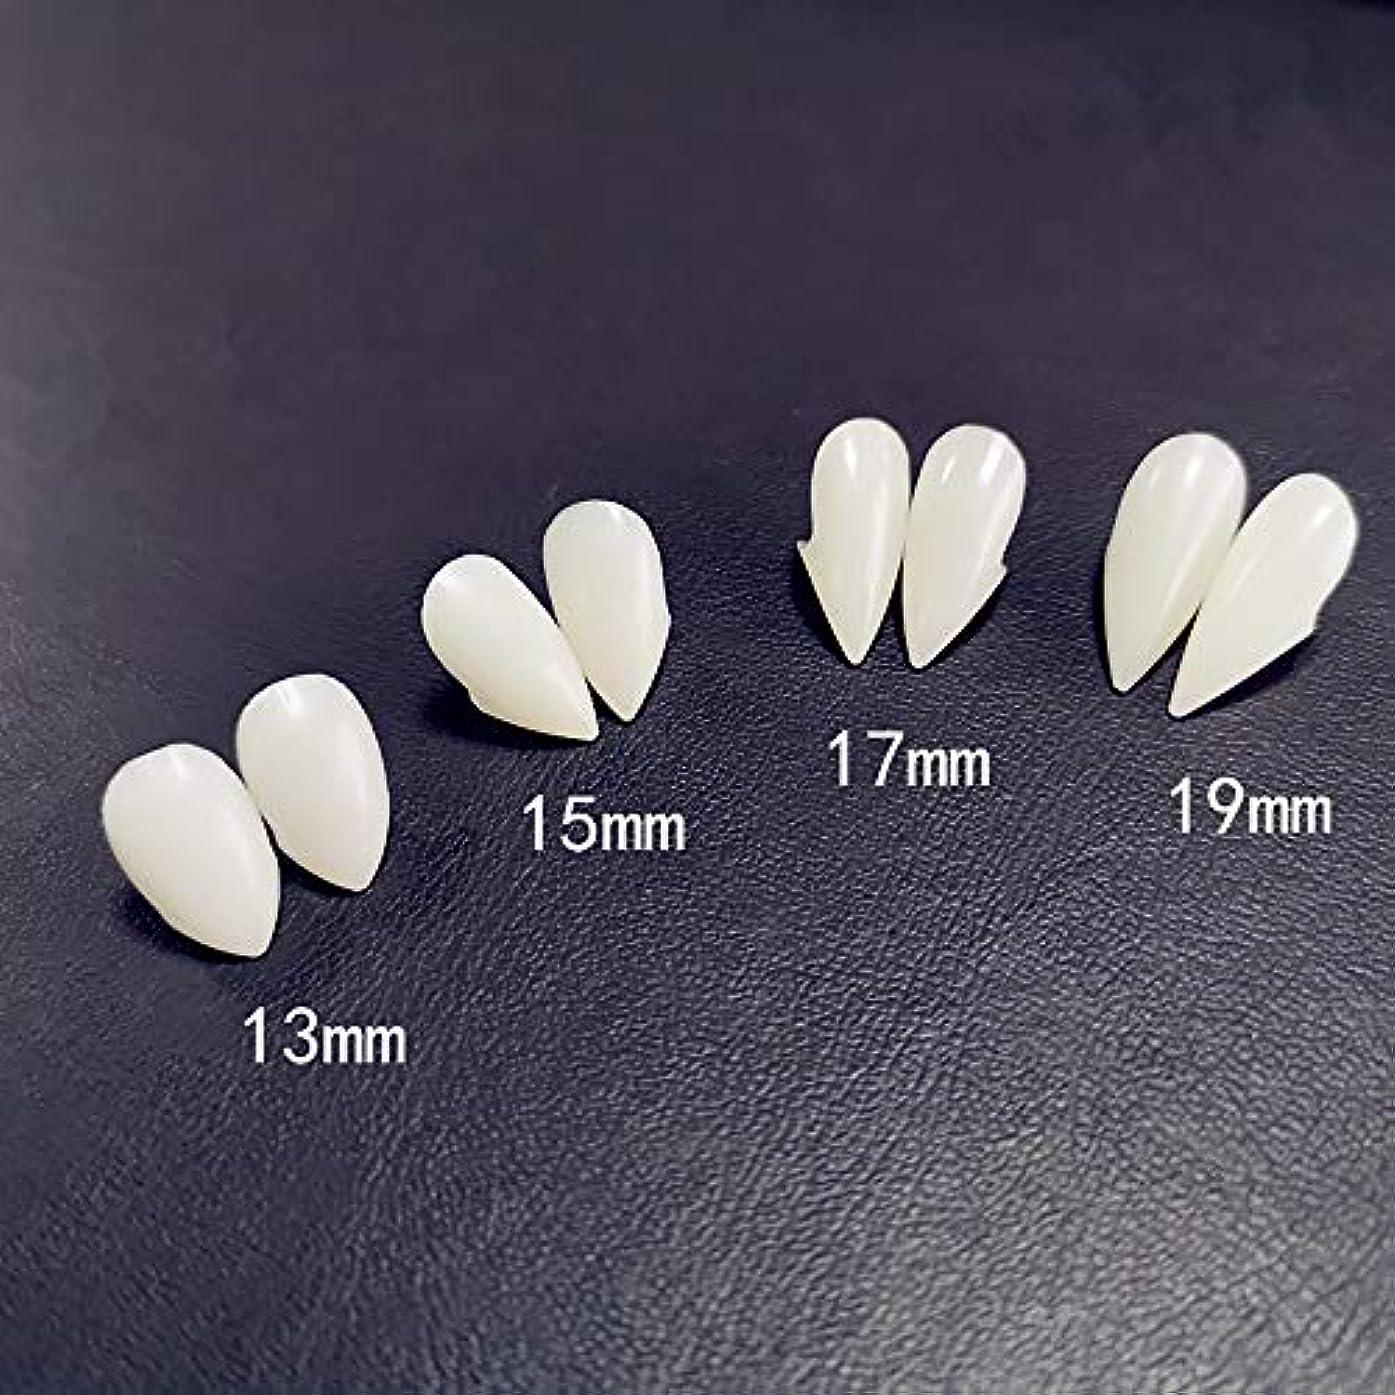 提案するベーリング海峡孤独6ペア牙キット歯の入れ歯歯の牙入れ歯小道具ハロウィーンの衣装小道具パーティーの好意休日DIYの装飾ホラー大人のための子供,15mm